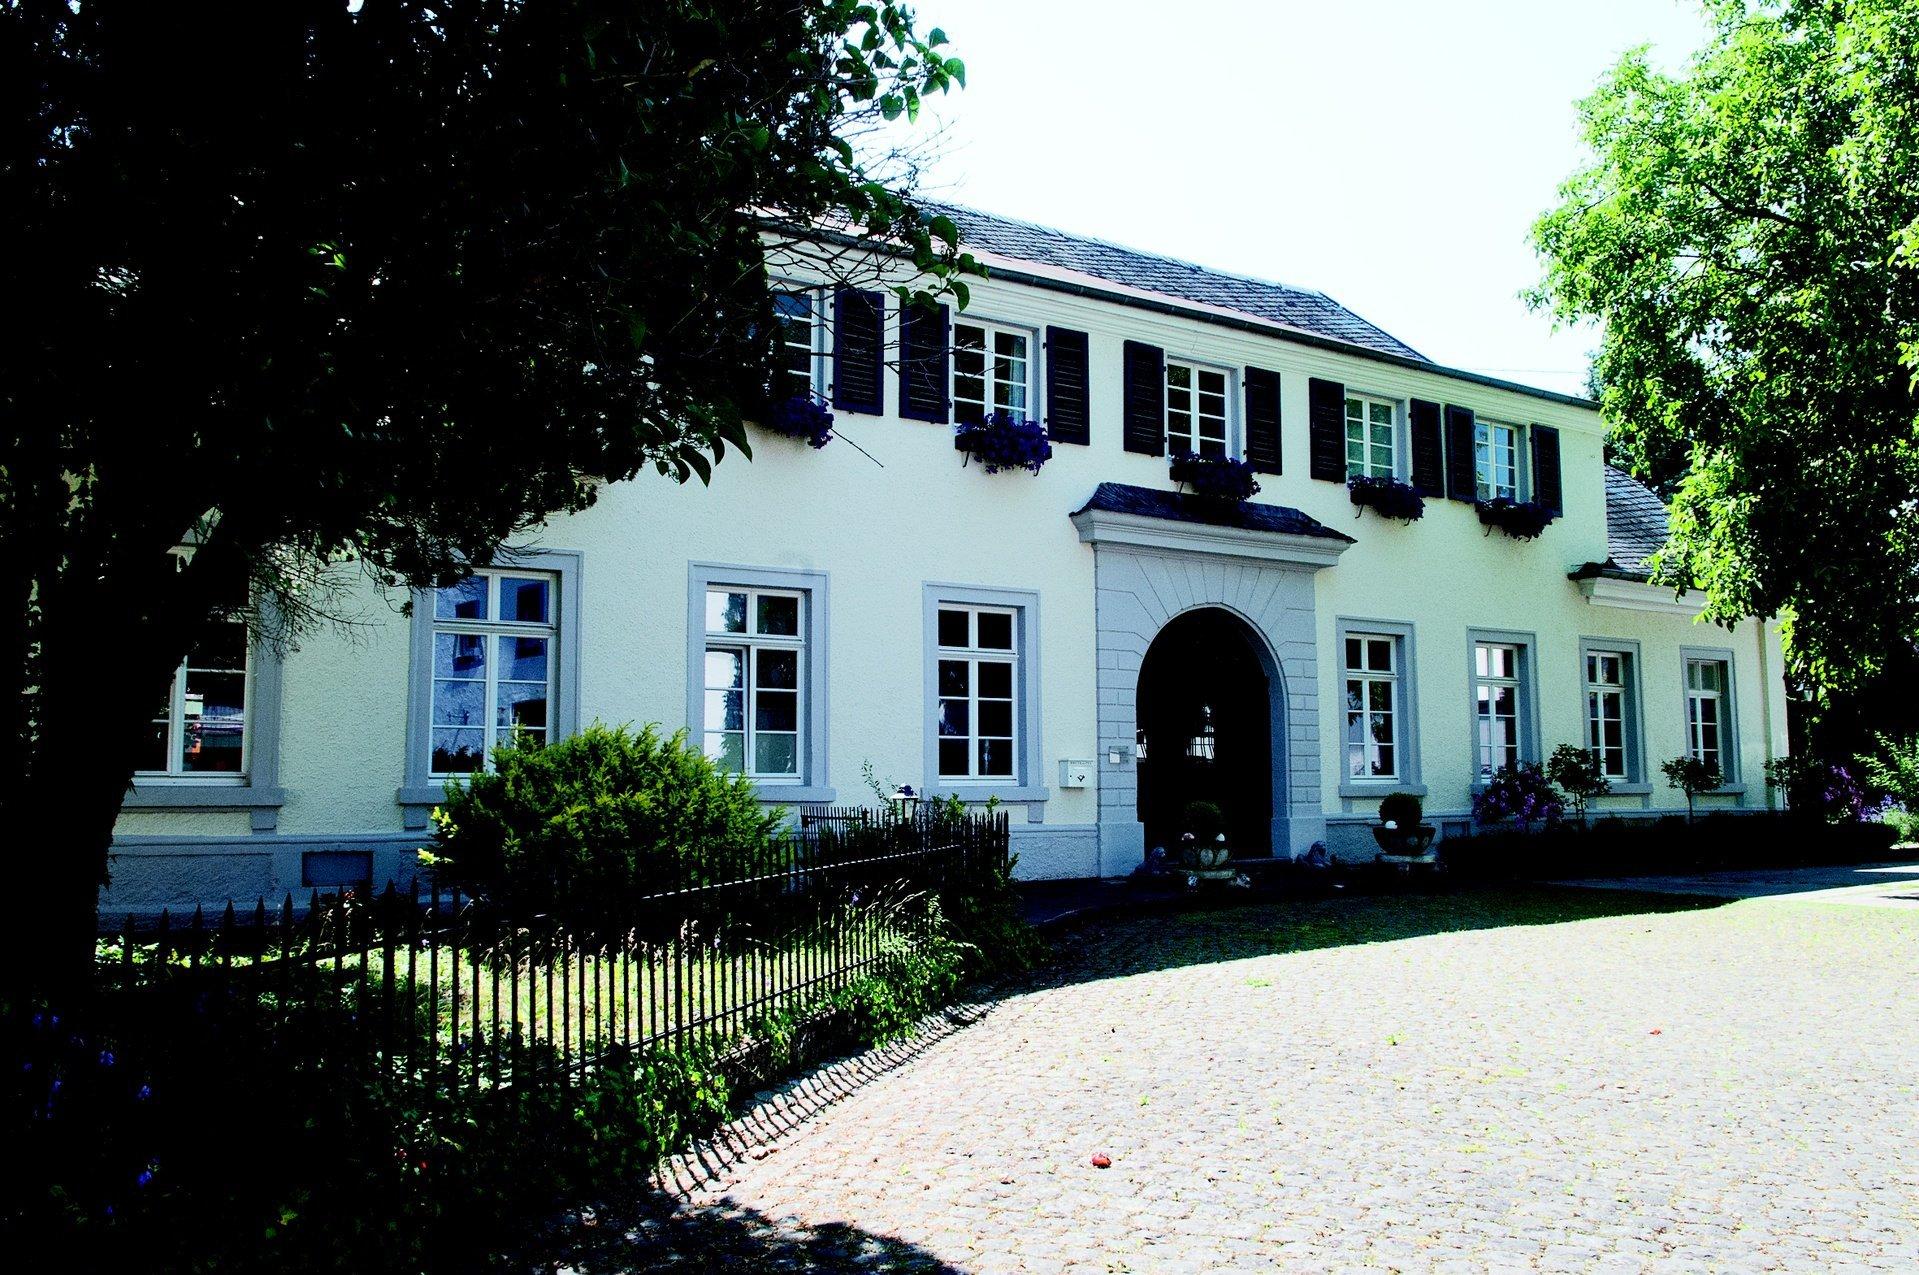 Frankfurt am Main seminar rooms Historische Gebäude Hotel Karolingerhof Dormitorium image 0